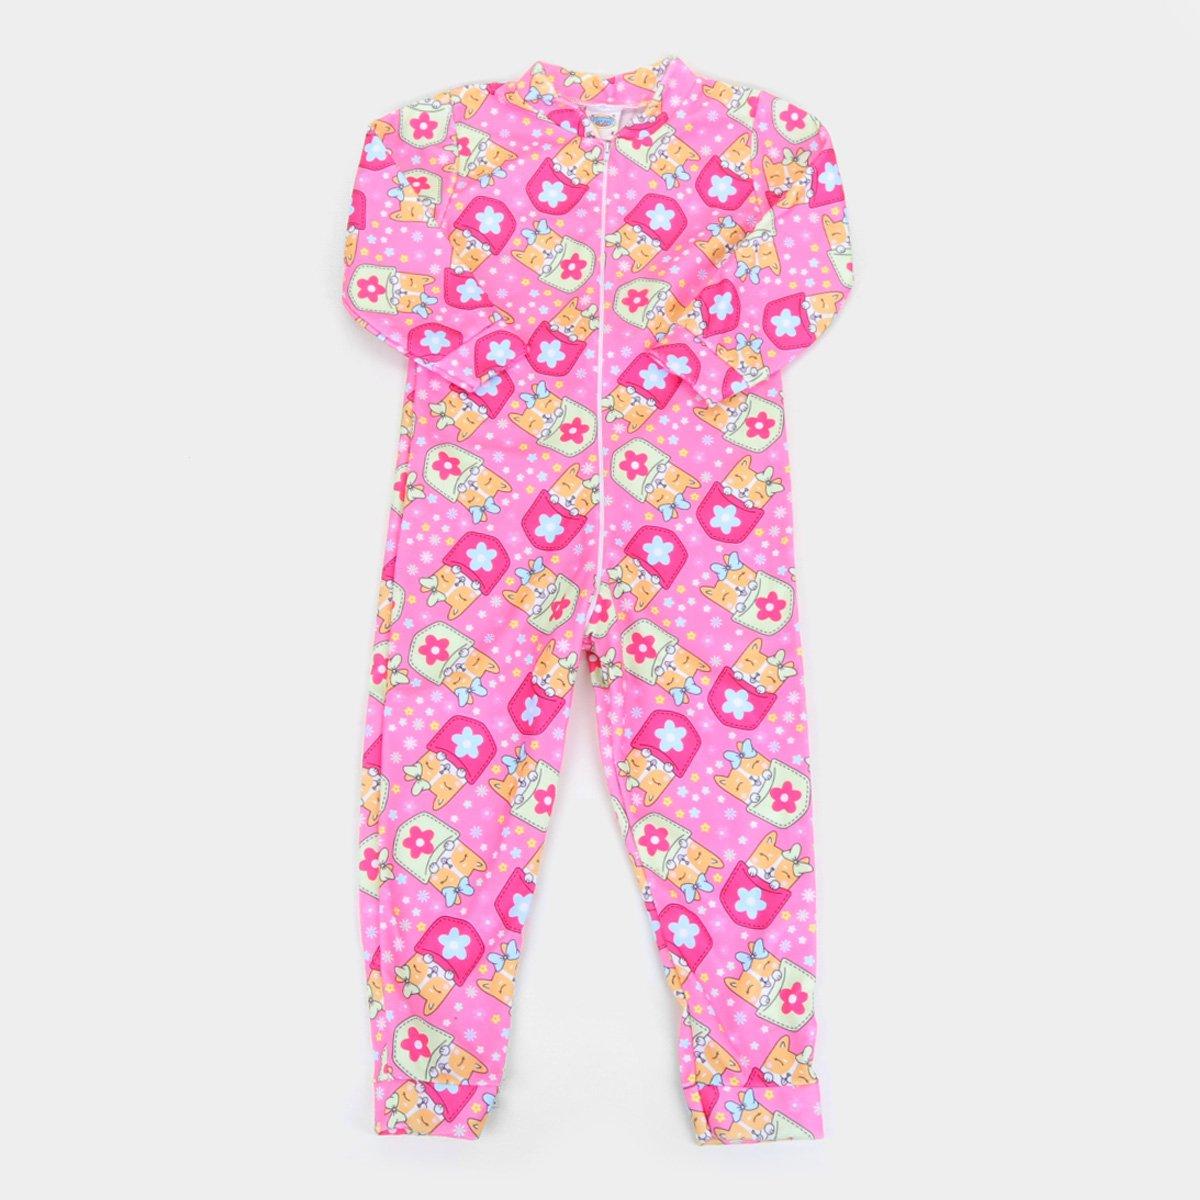 Pijama Bebê Duzizo Macacão Soft Estampado